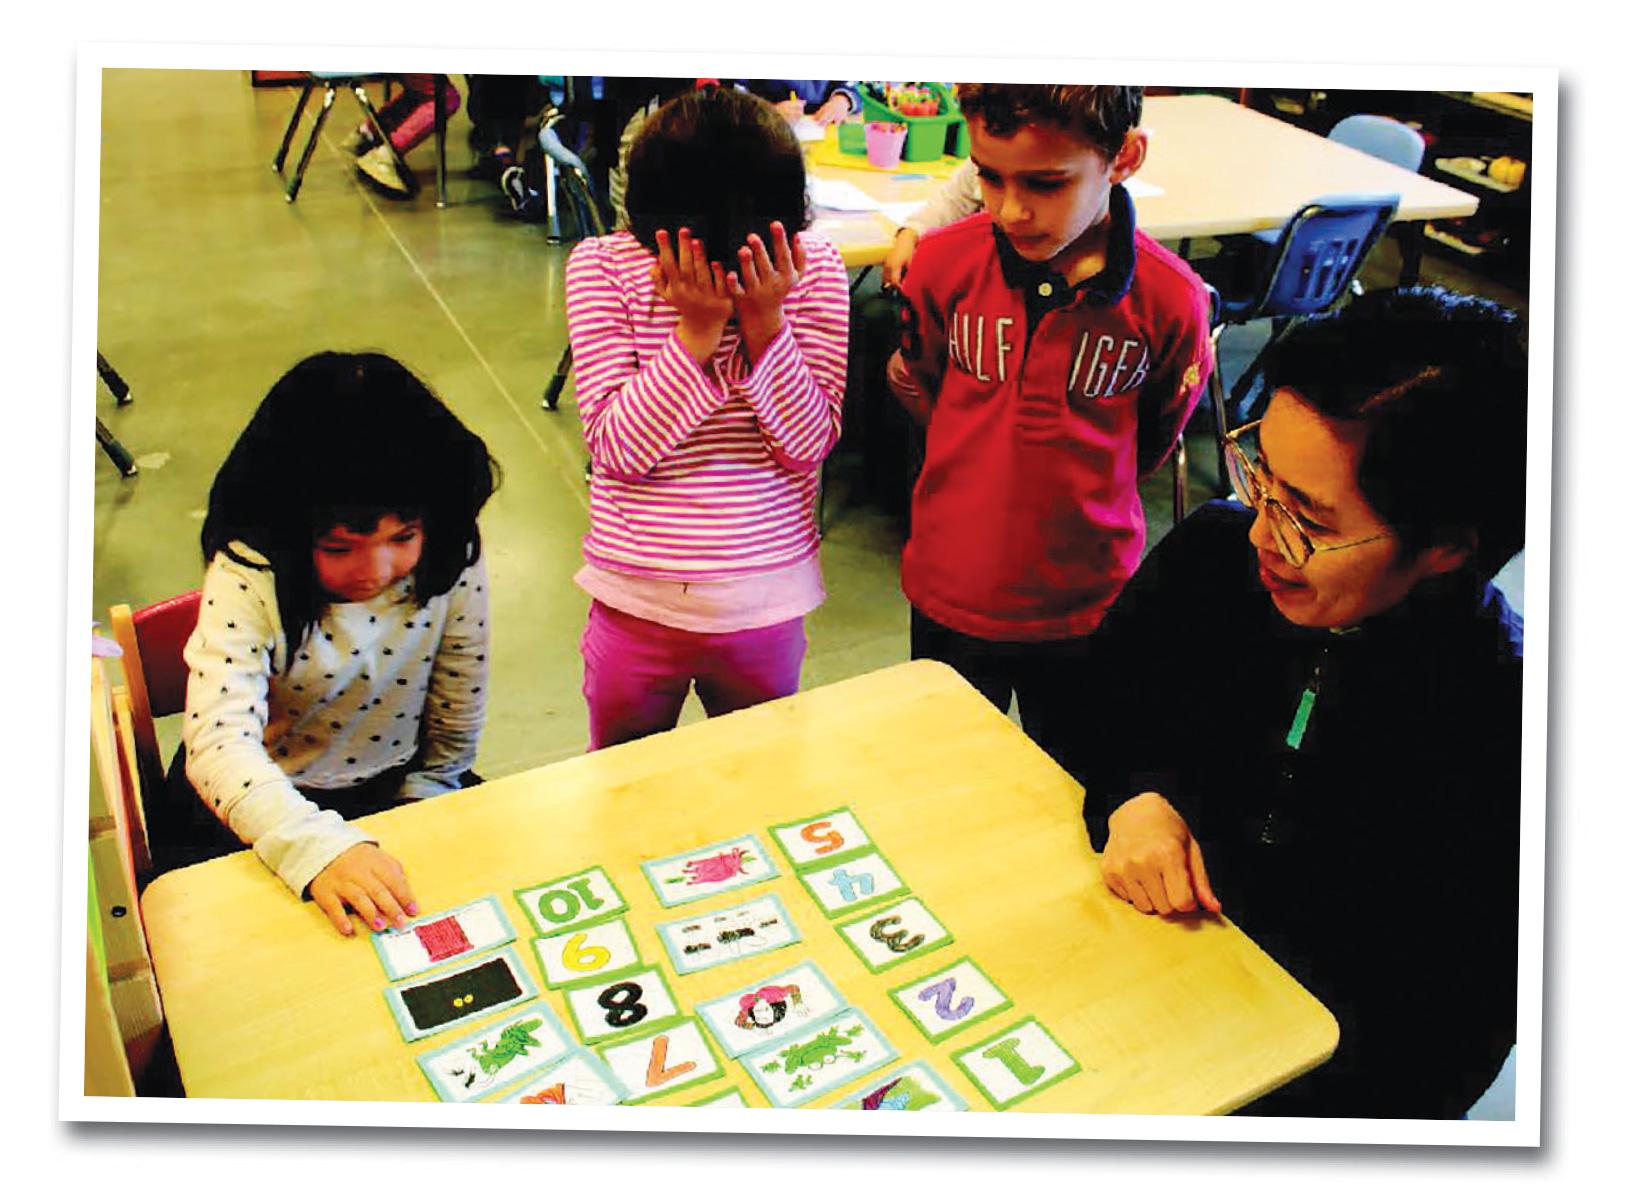 Learning coding basics in kindergarten.